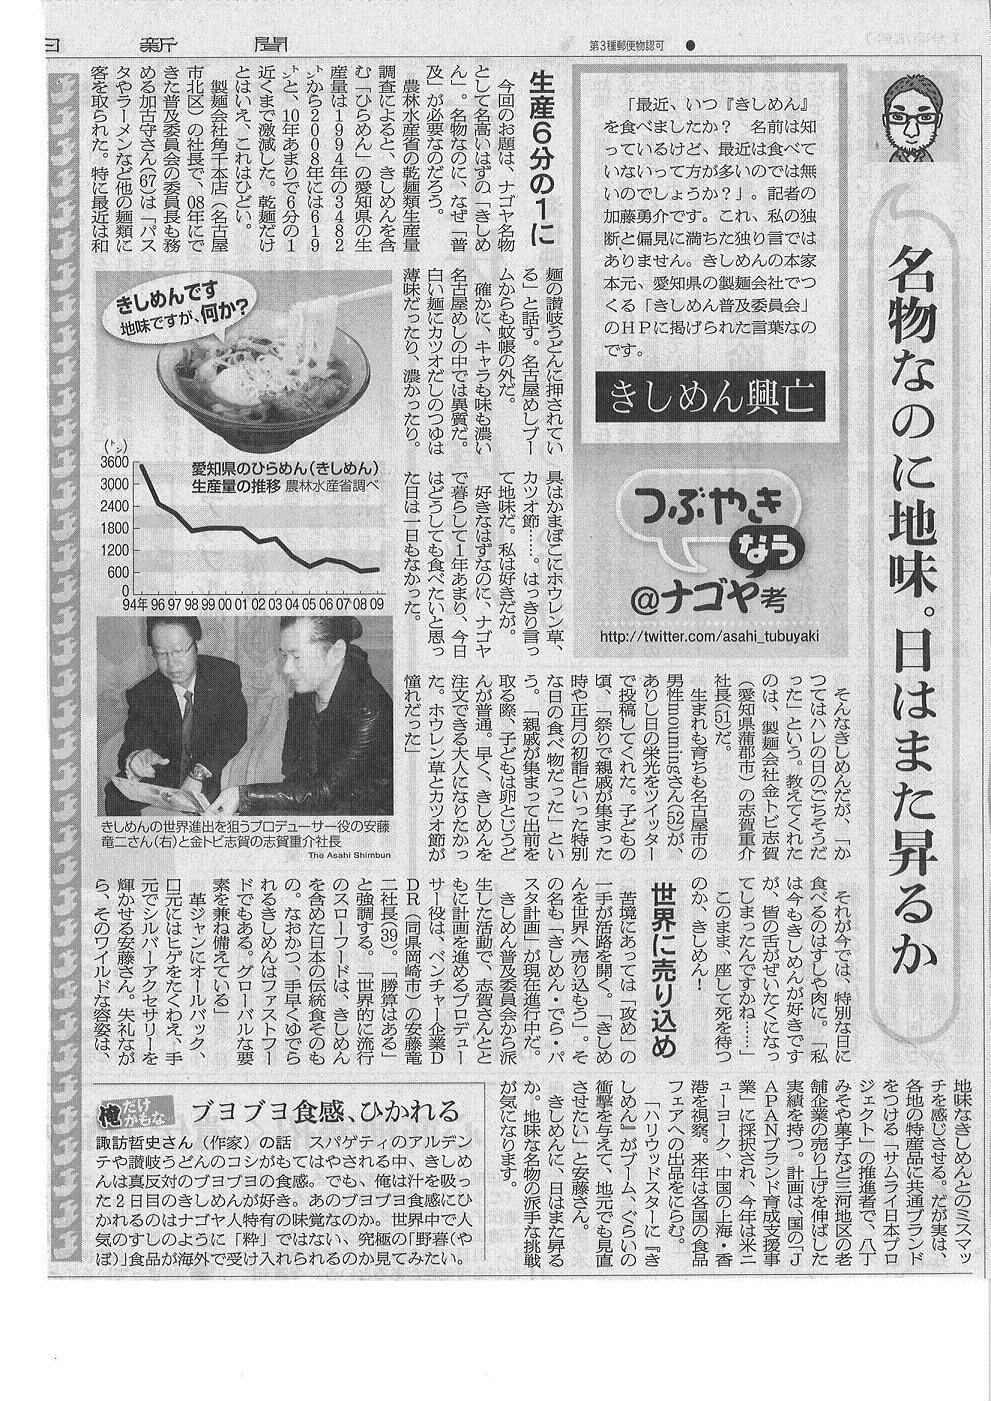 12/22の朝日新聞に掲載されました_d0166534_17372611.jpg